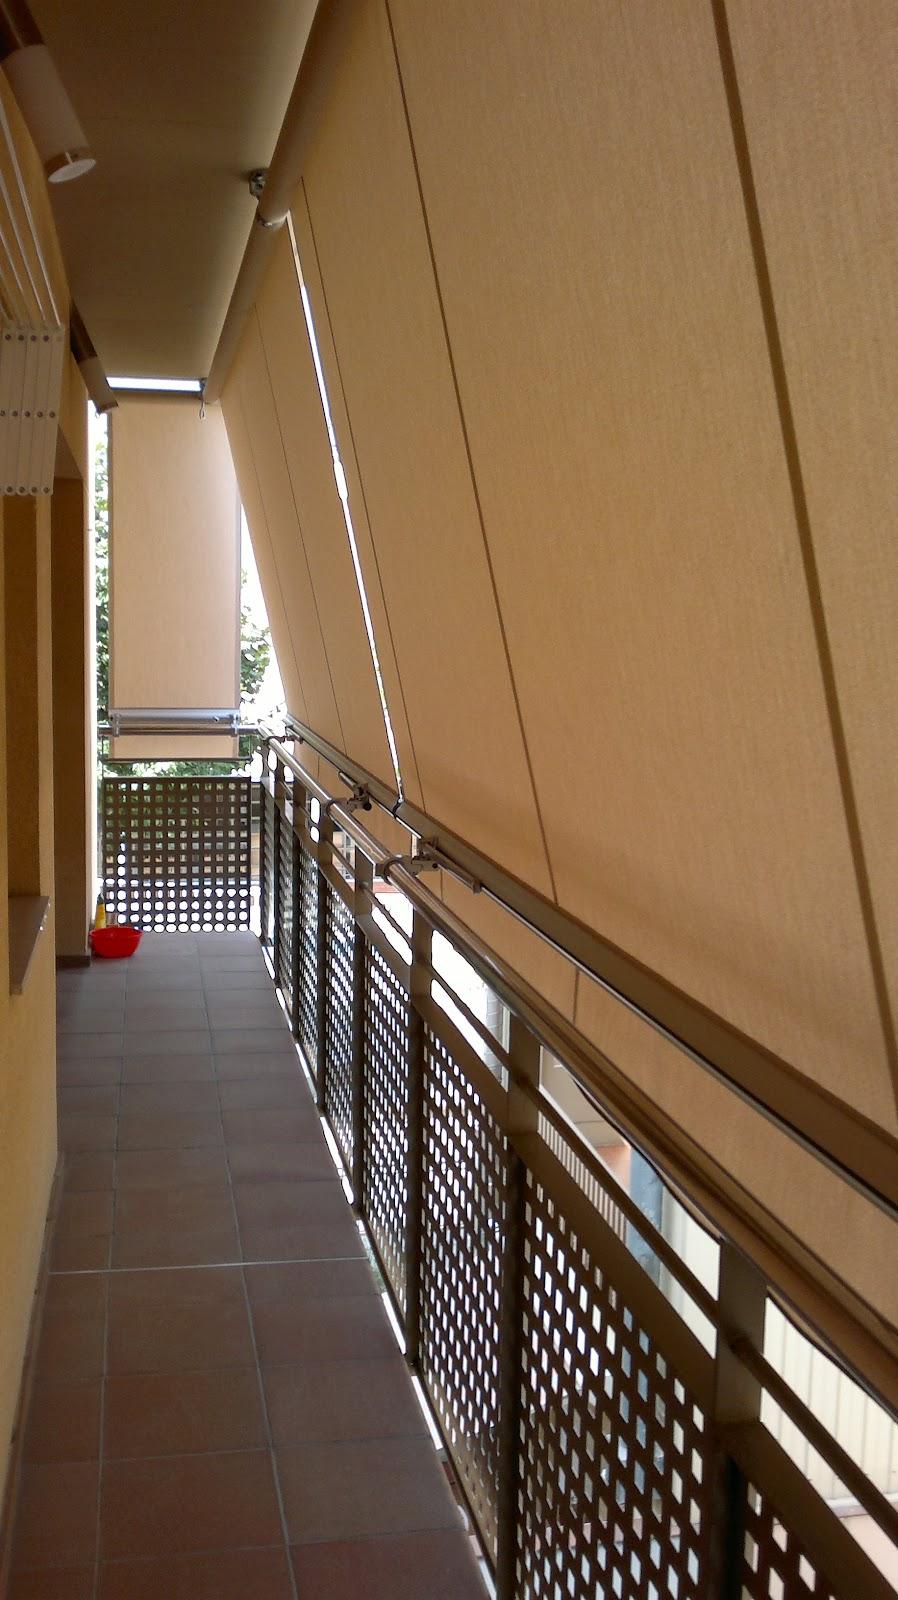 Toldos para balcones y ventanas en zaragoza toldos - Toldos para balcones precios ...